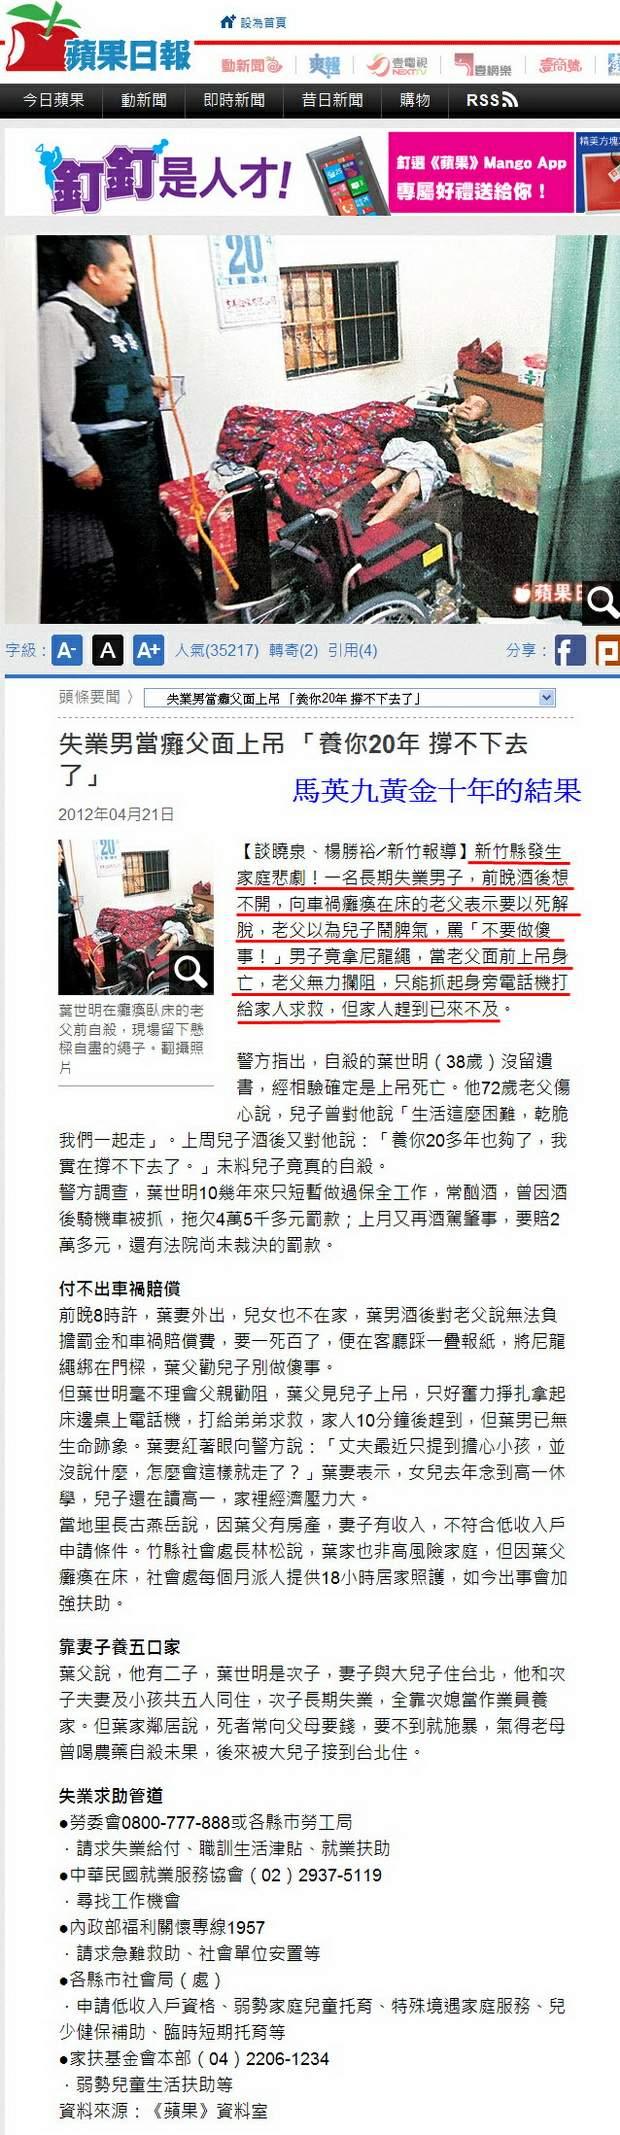 失業男當癱父面上吊 「養你20年 撐不下去了」-2012.04.21